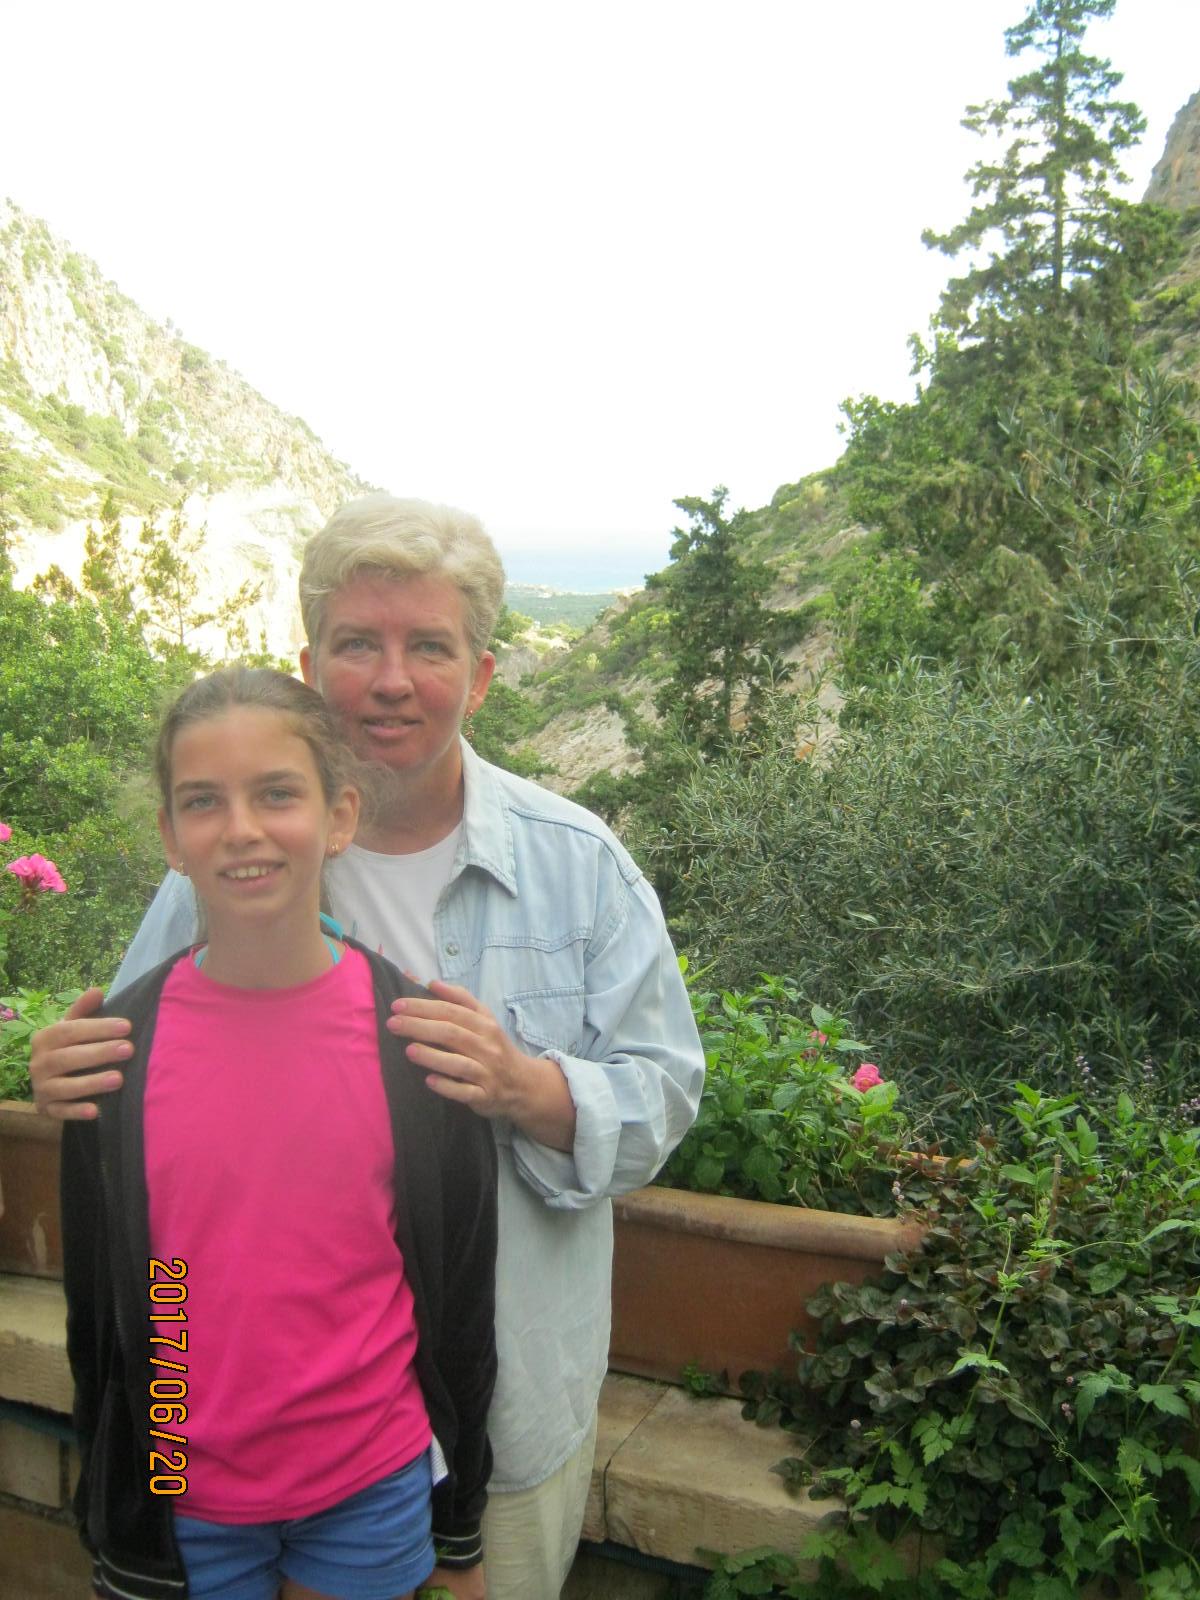 Laura és én a templom kertjében, mögöttünk varázslatos hegyi panoráma